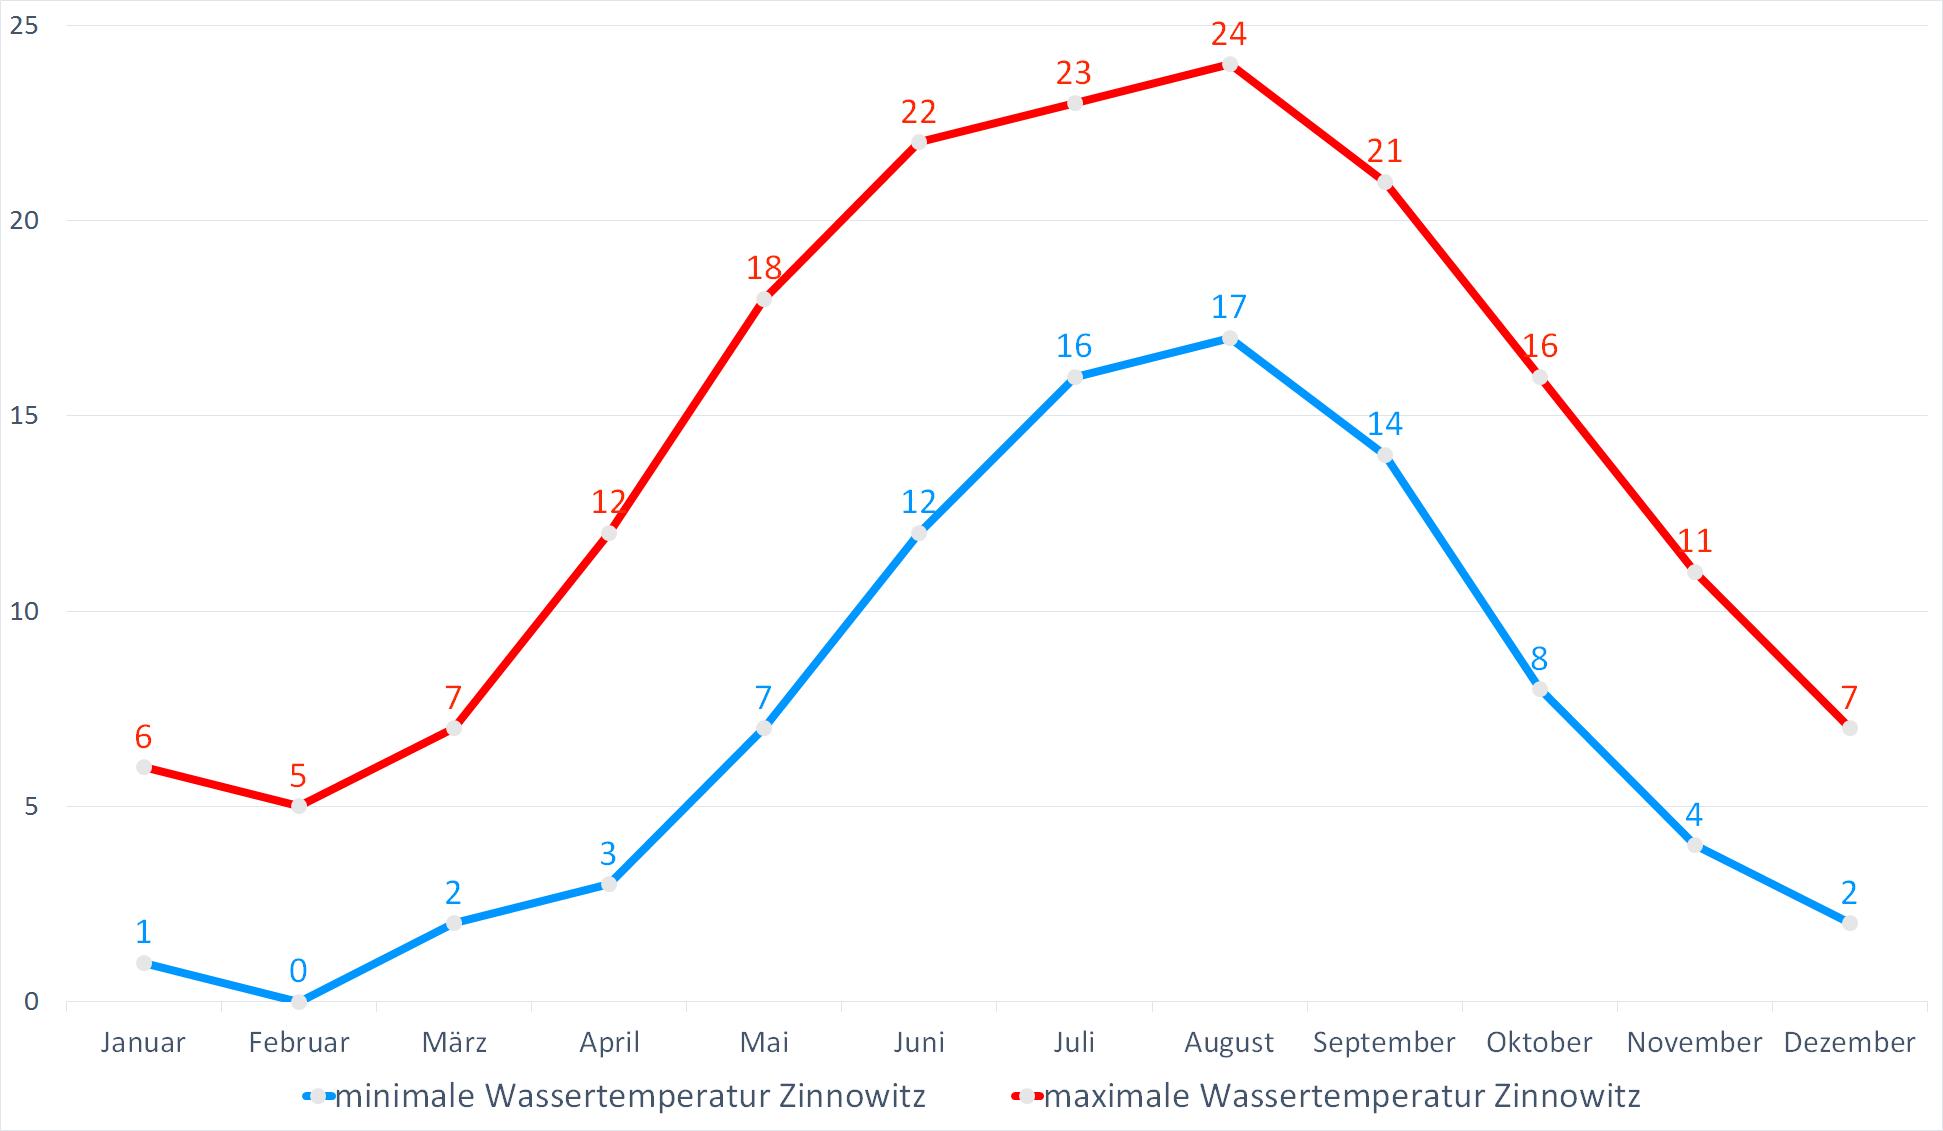 Minimale & Maximale Wassertemperaturen für Zinnowitz im Jahresverlauf